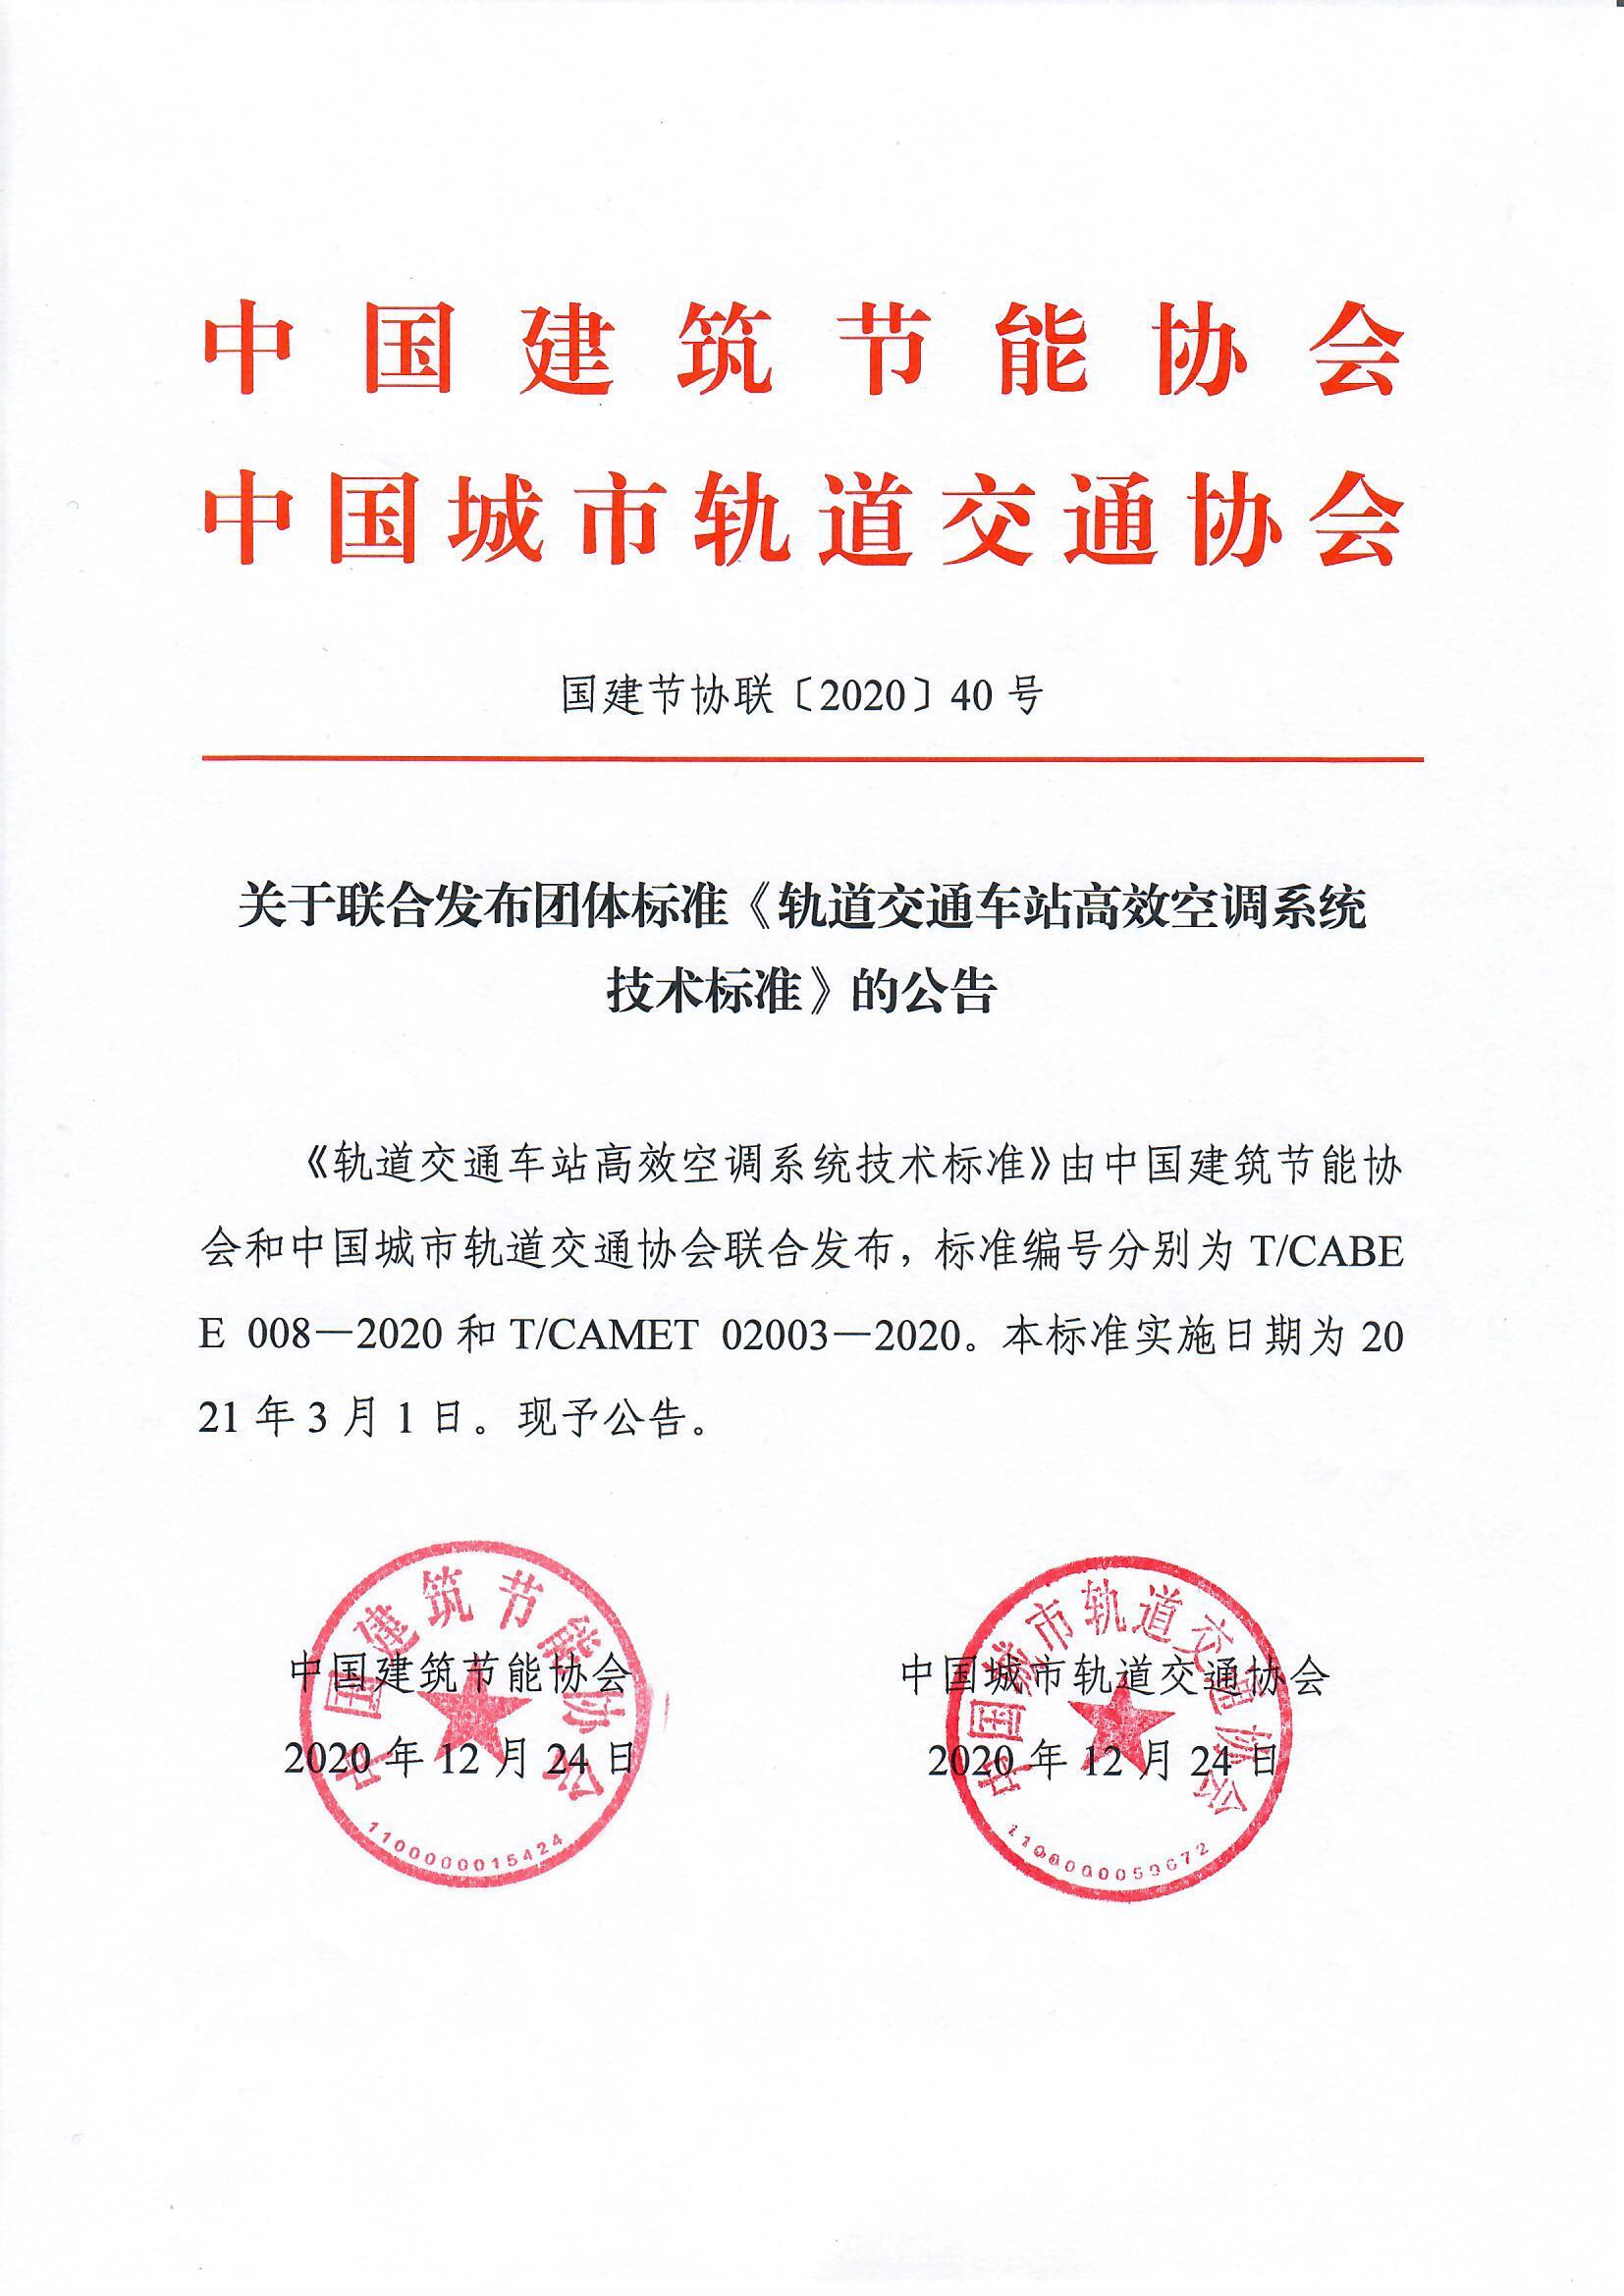 关于联合发布团体标准《轨道交通车站高效空调系统技术标准》的公告.jpg